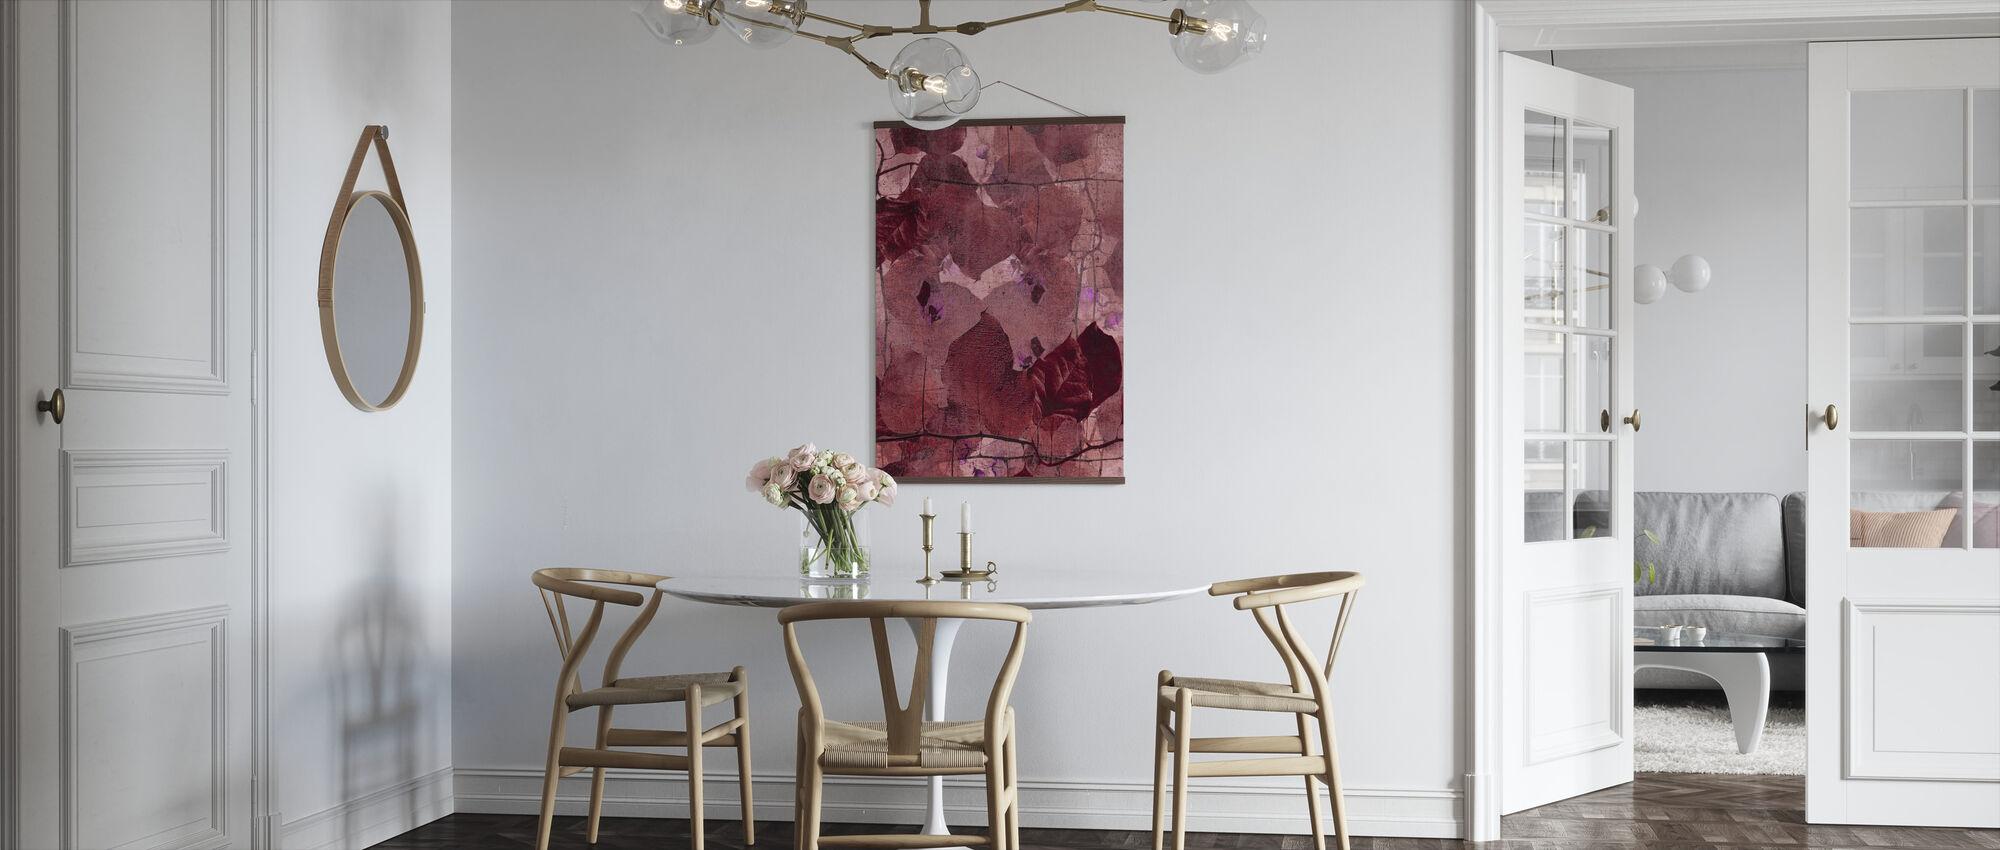 Bordeaux Grapevine - Plakat - Kjøkken